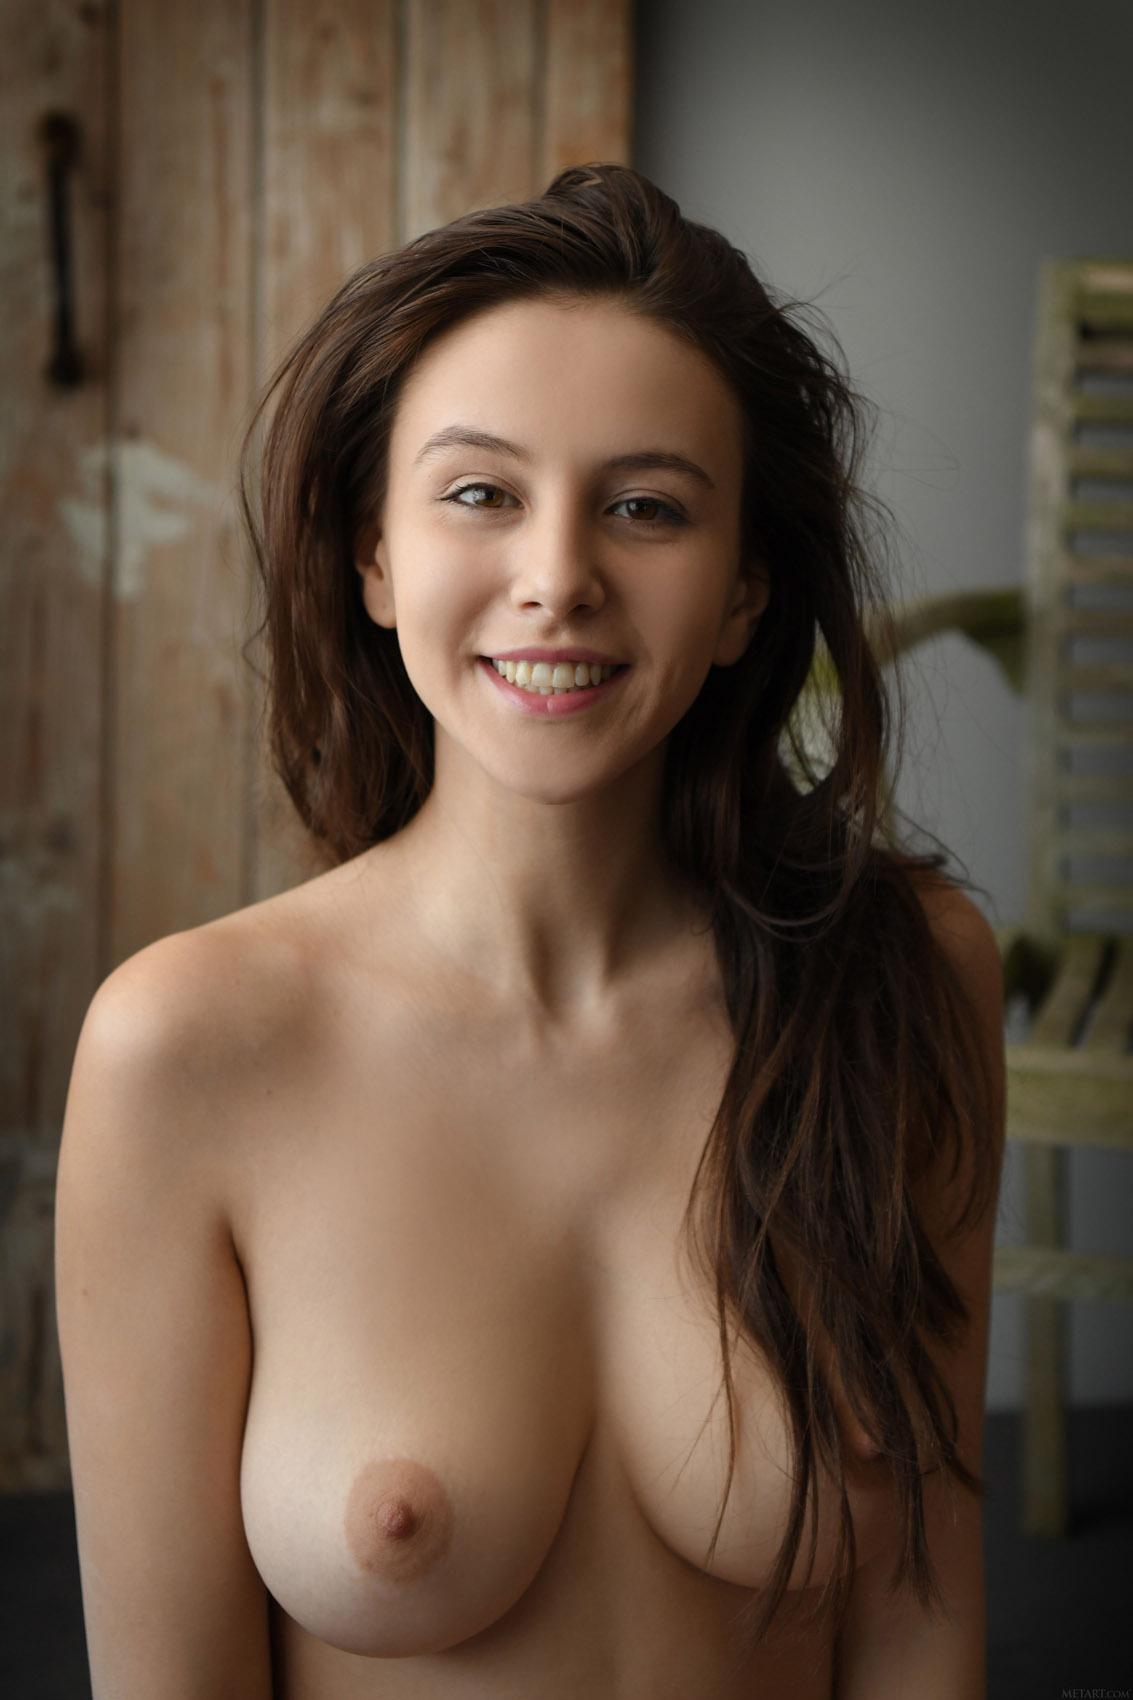 Alisa Sex Video alisa amore presenting met art - cherry nudes